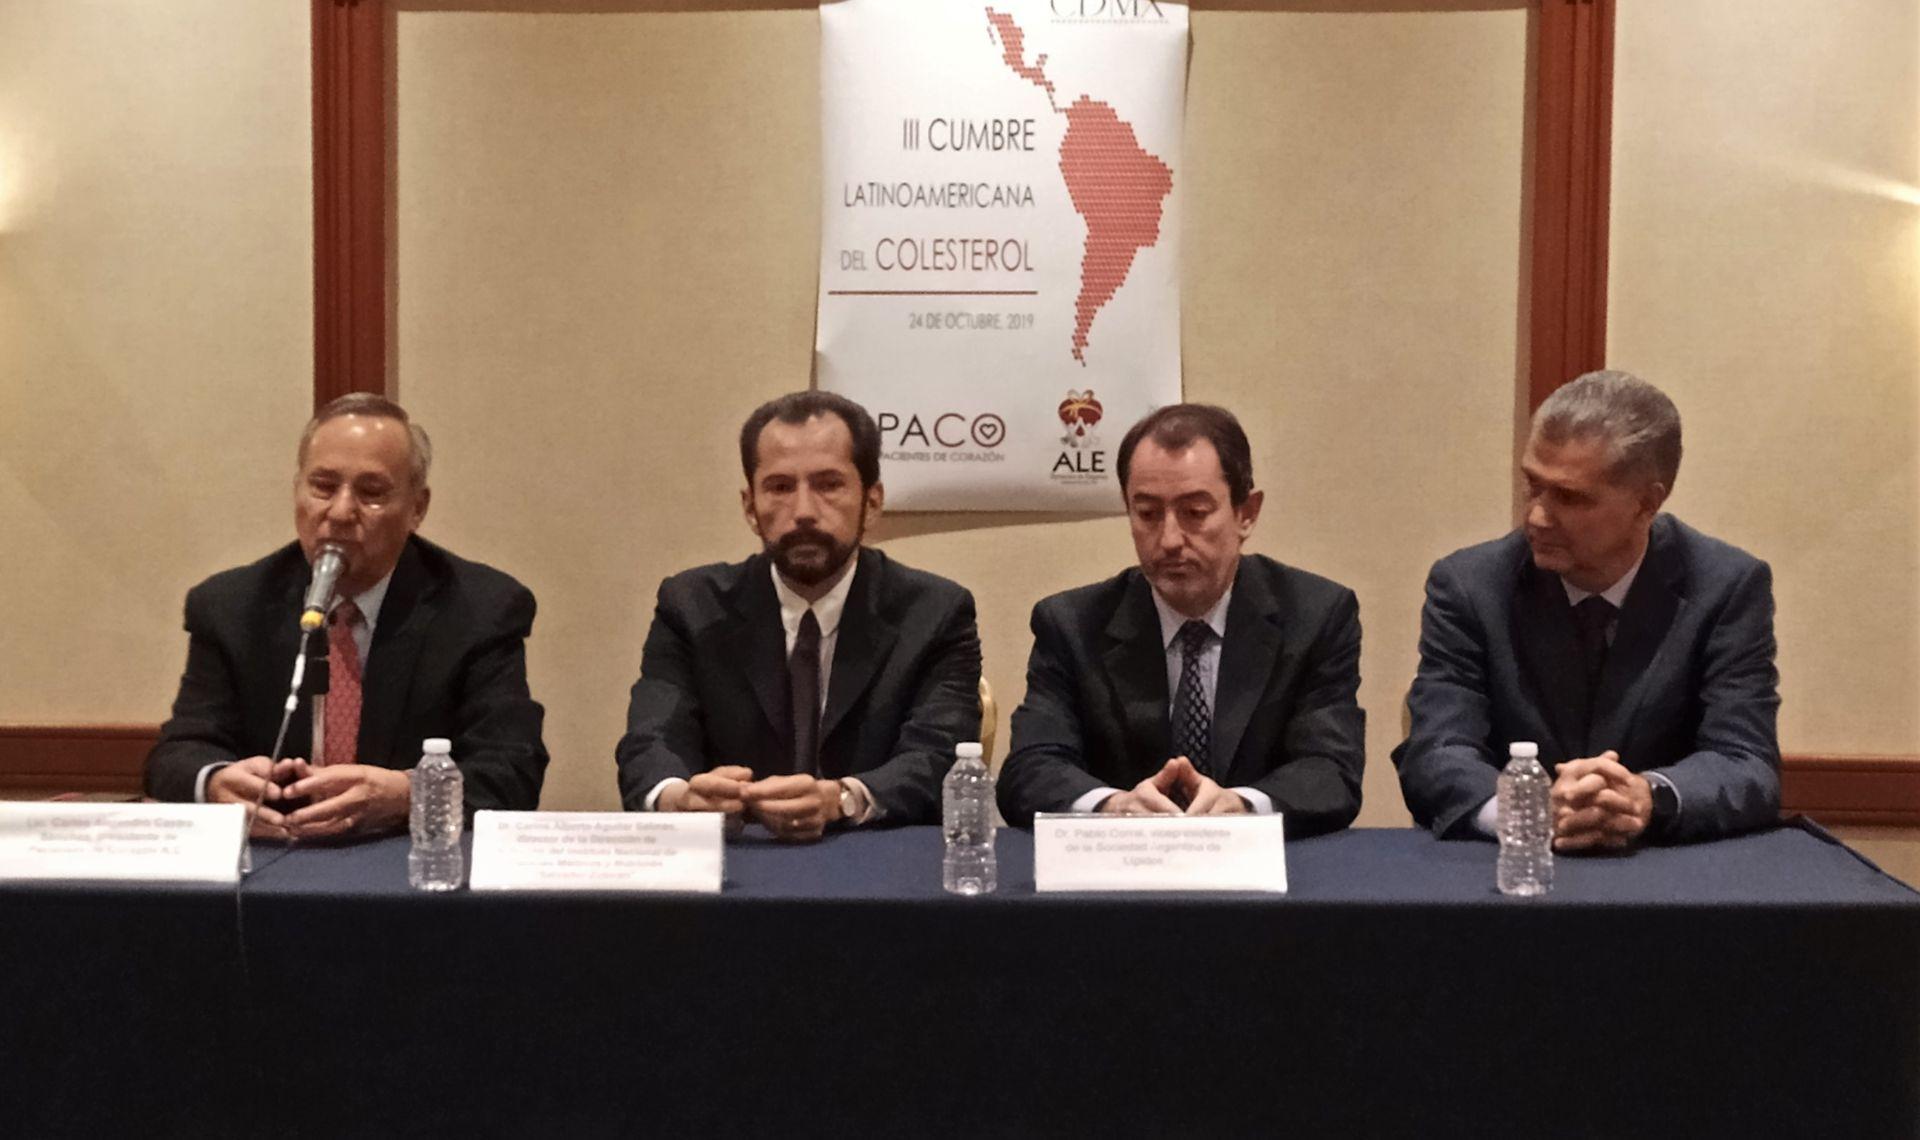 III Cumbre Latinoamericana de Colesterol